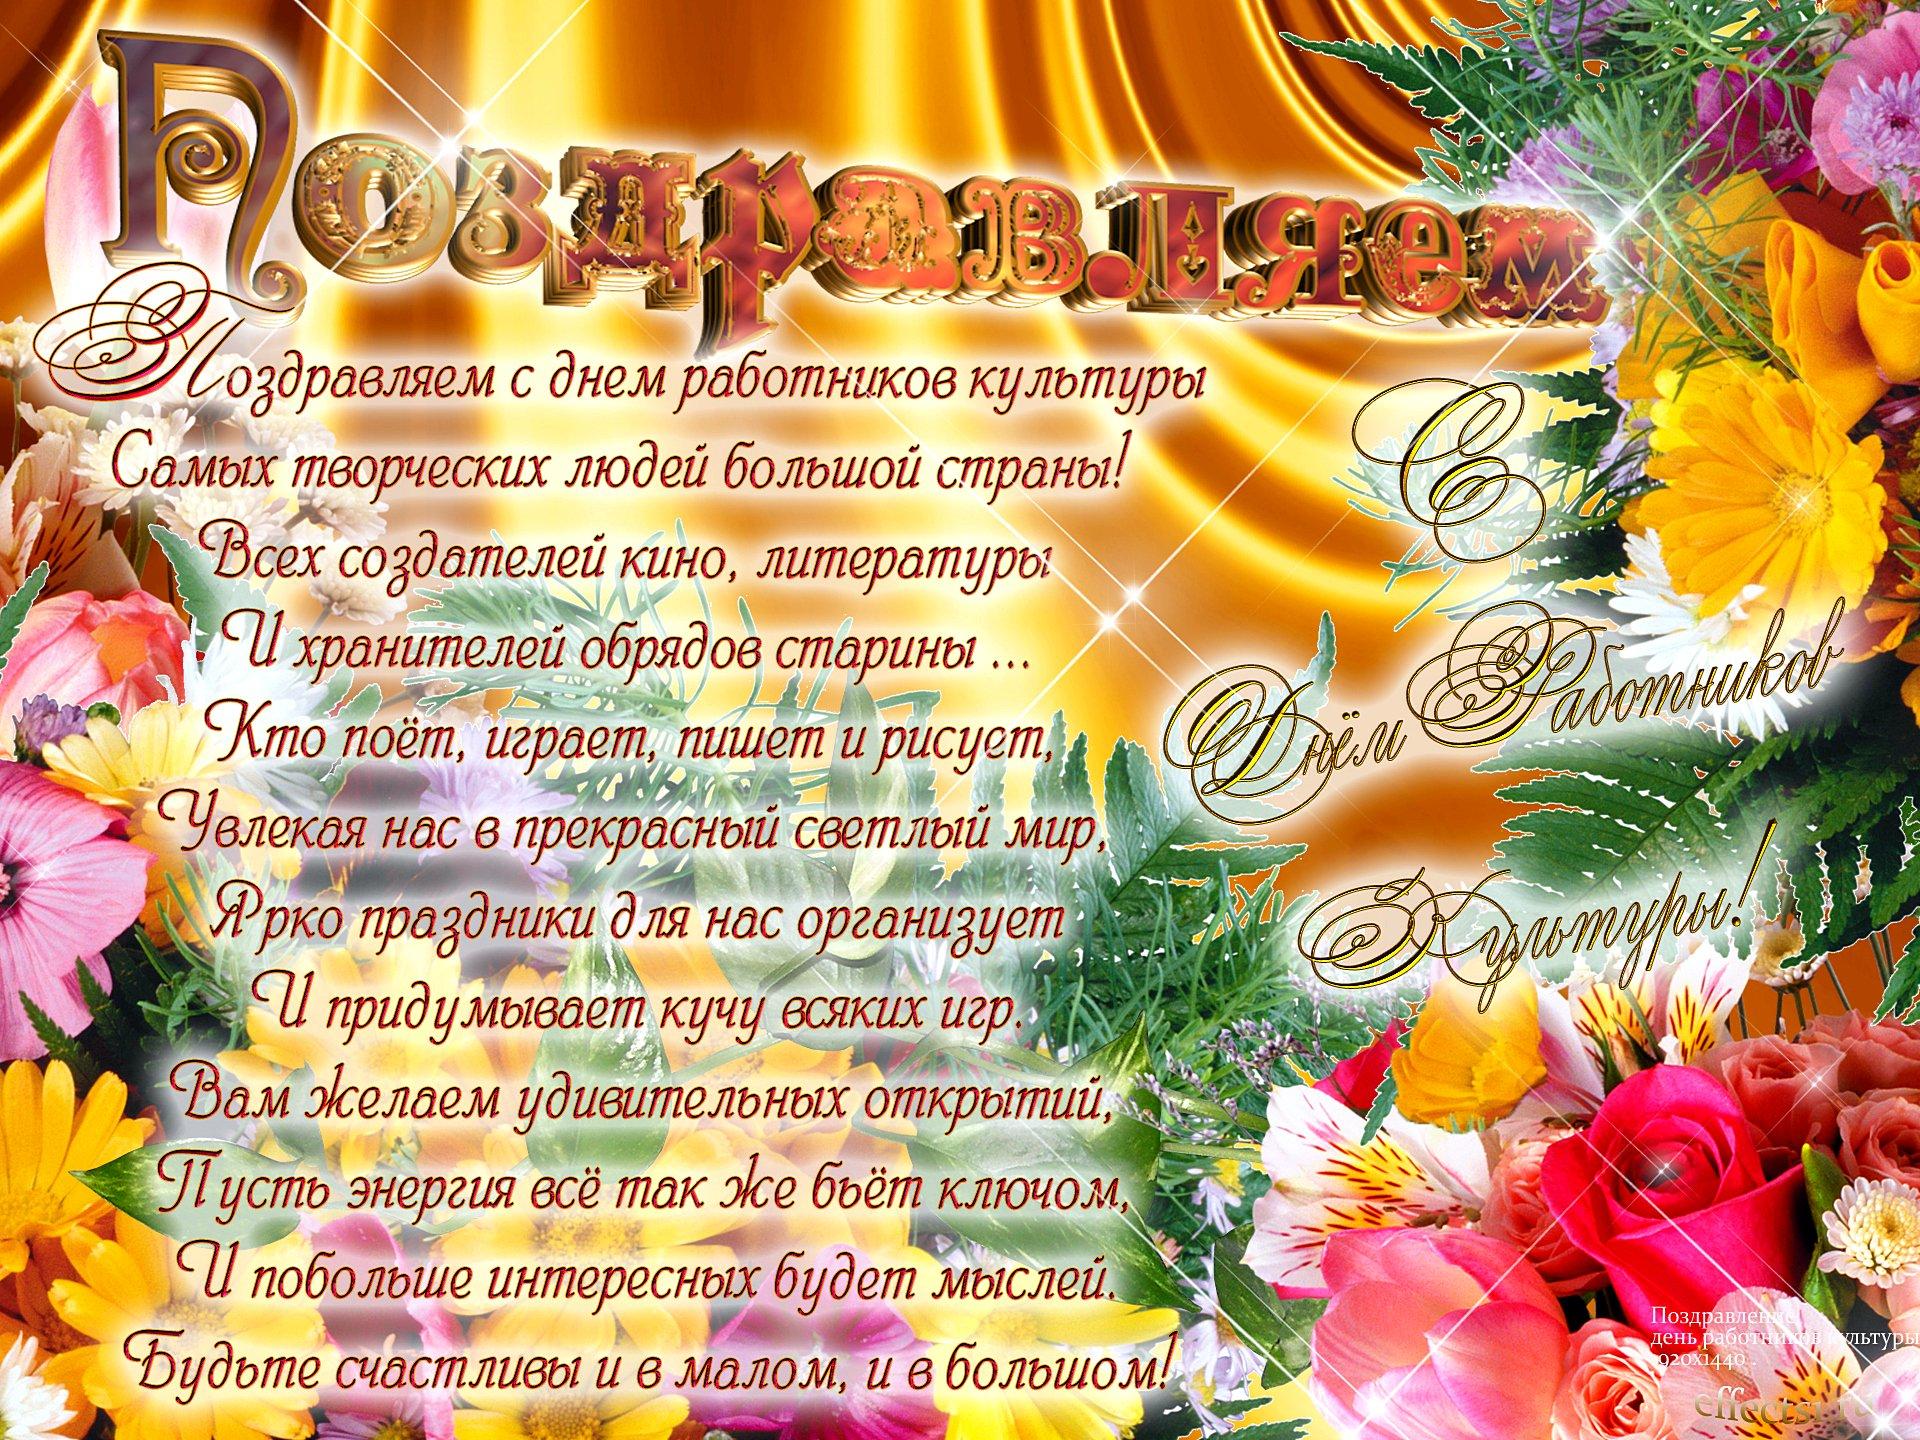 День работников культуры картинки открытки, днем